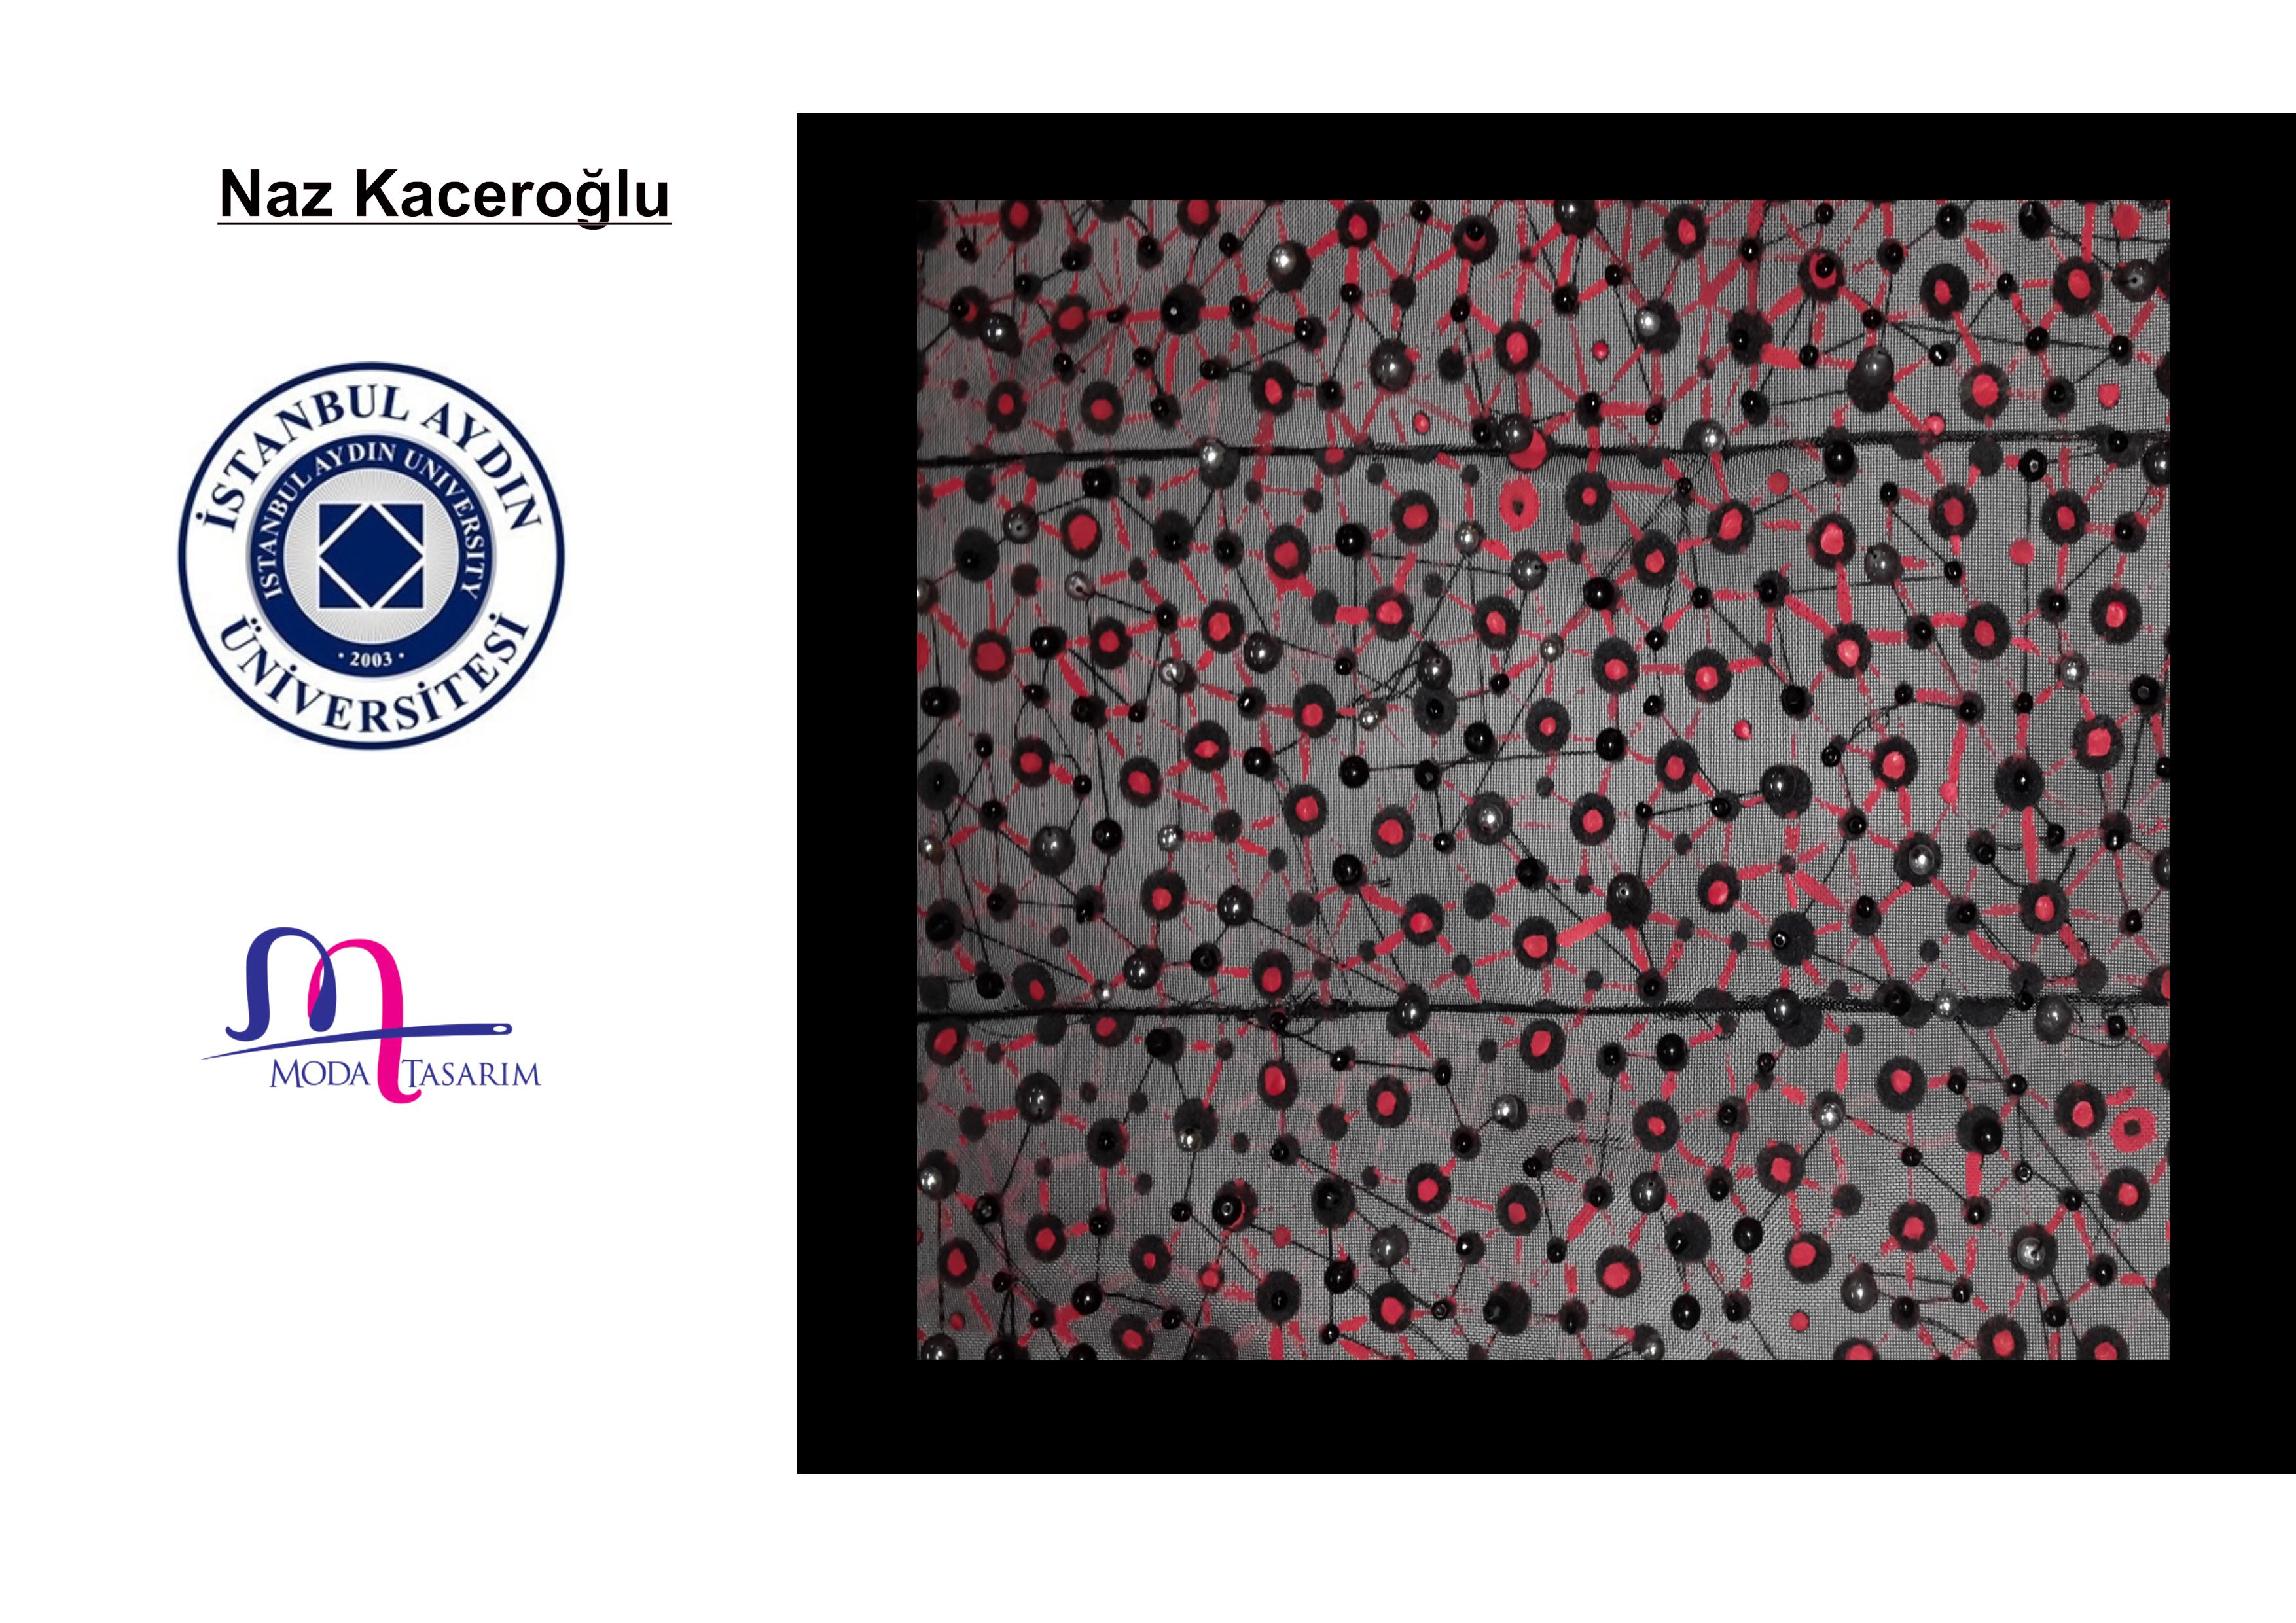 Naz Kaçeroğlu